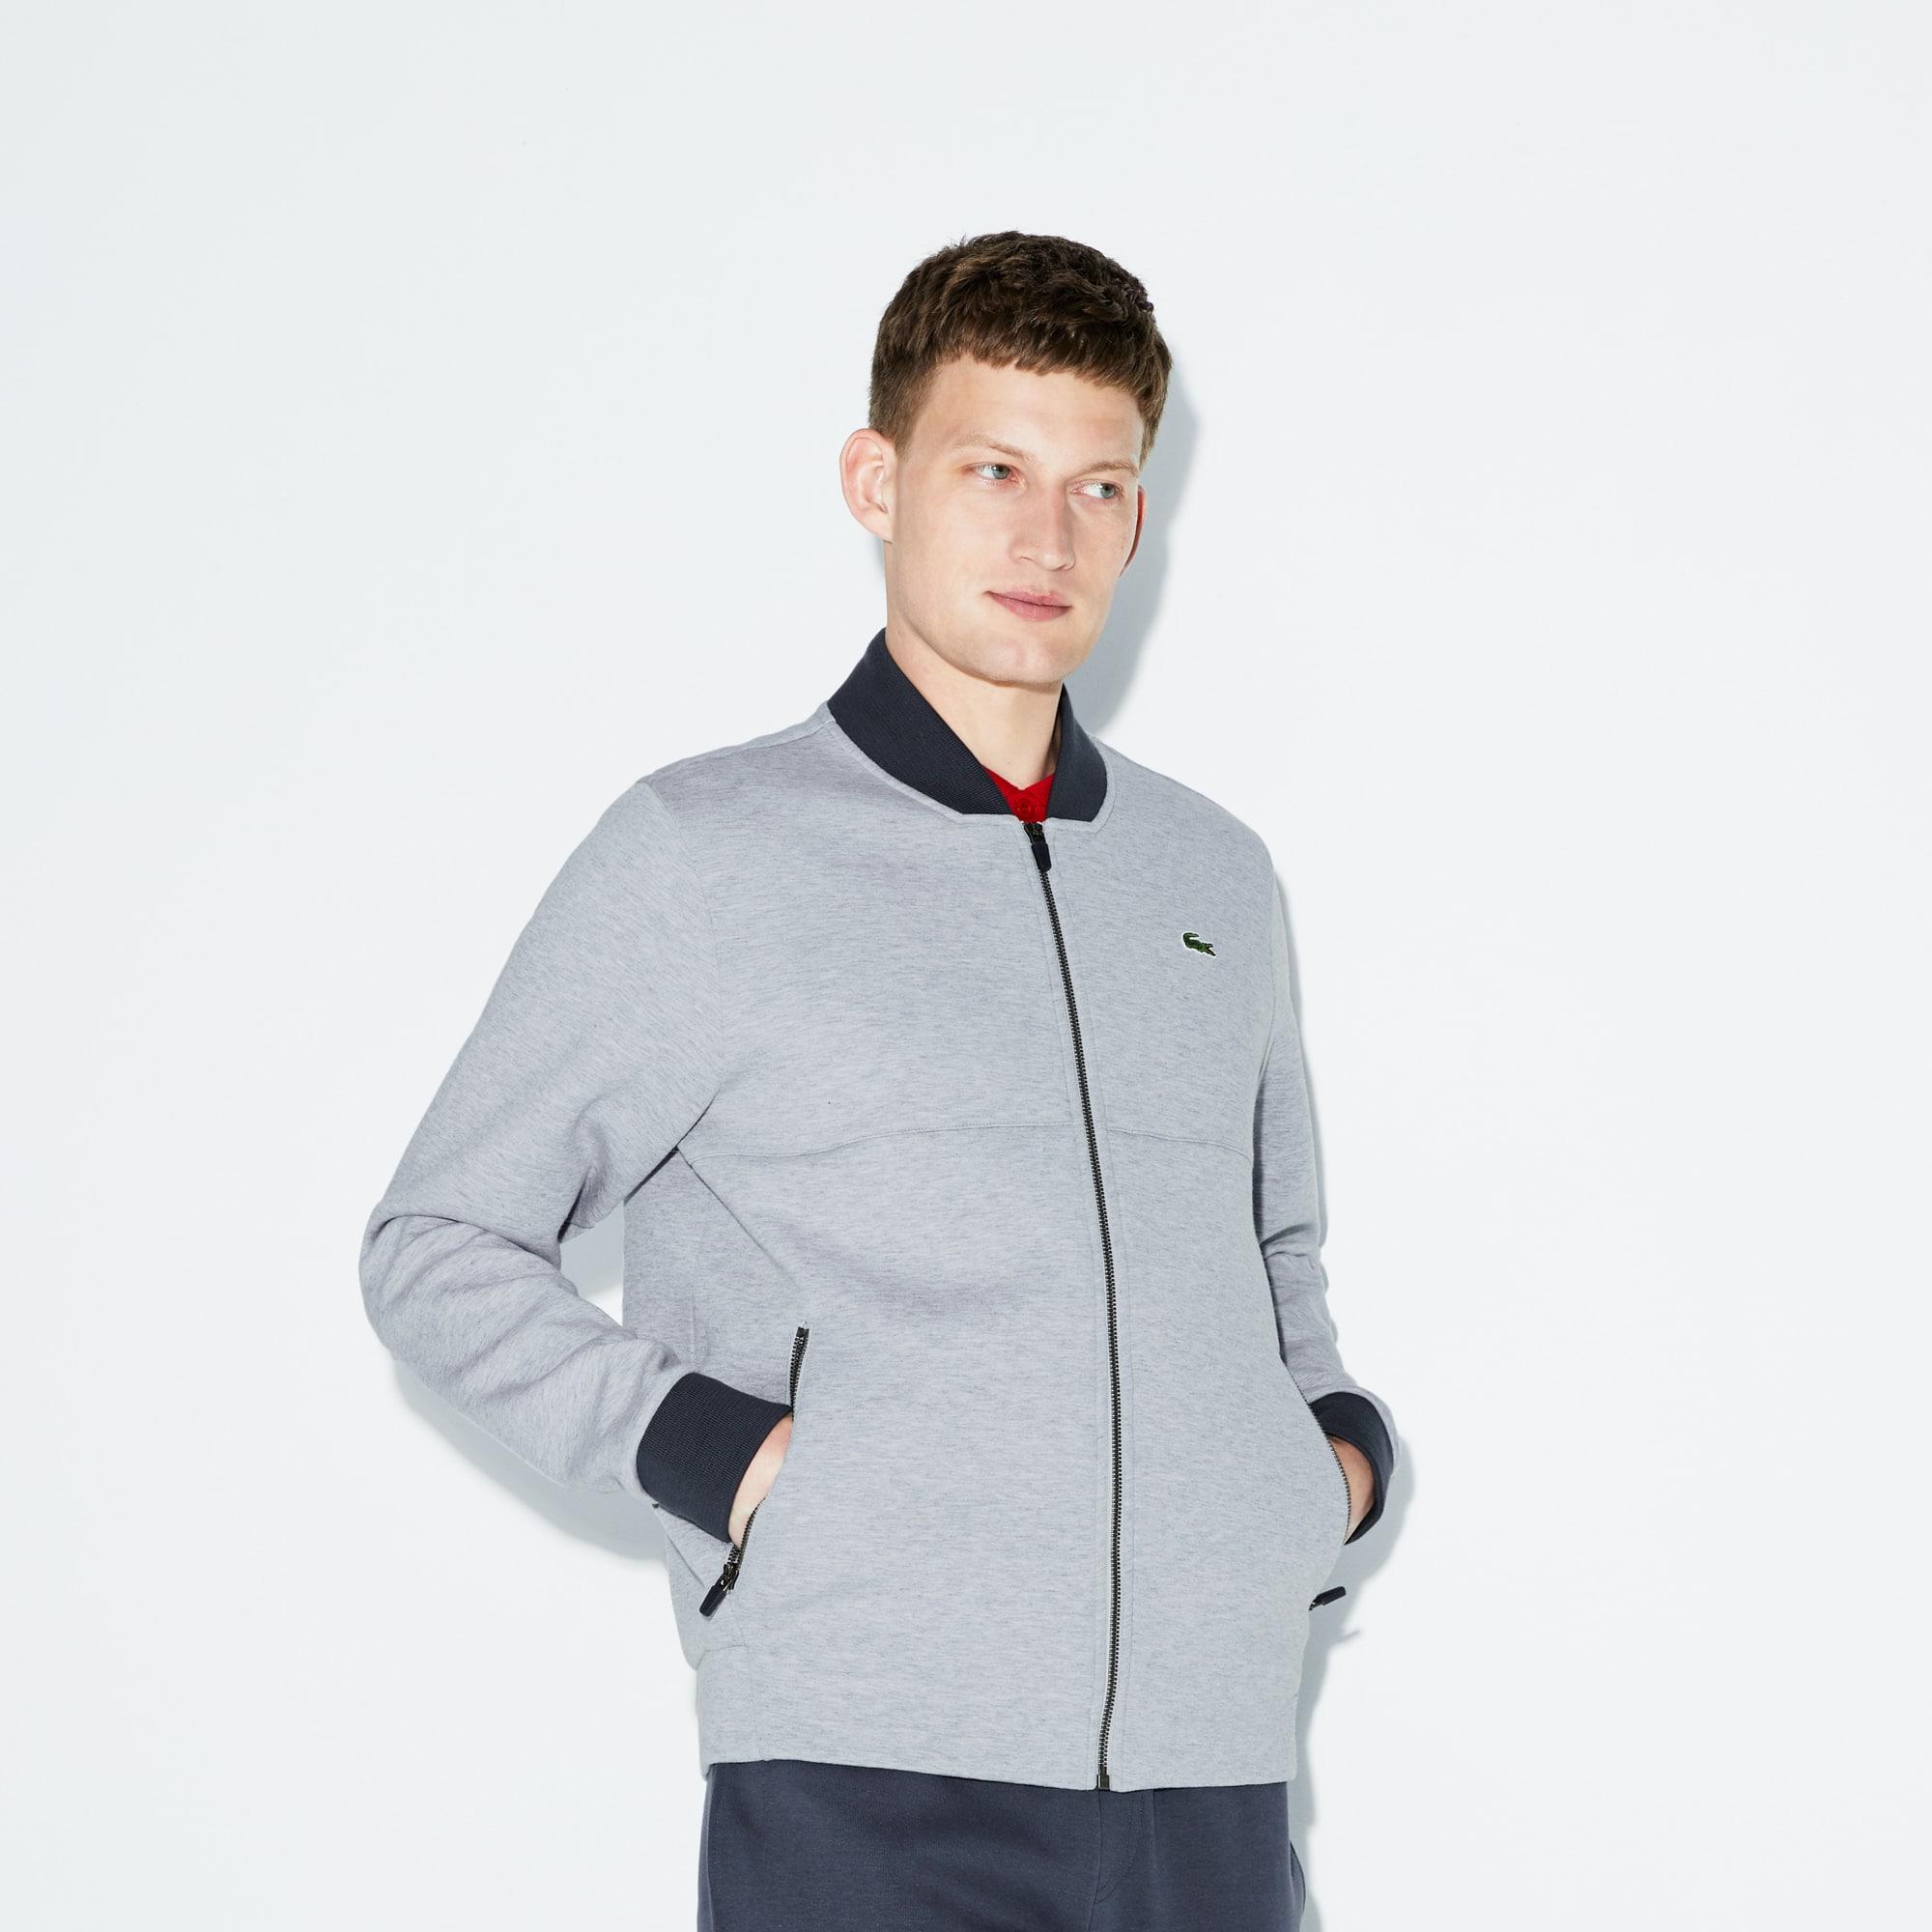 Lacoste SPORT Tennis-sweatshirt heren fleece met banana-kraag en rits